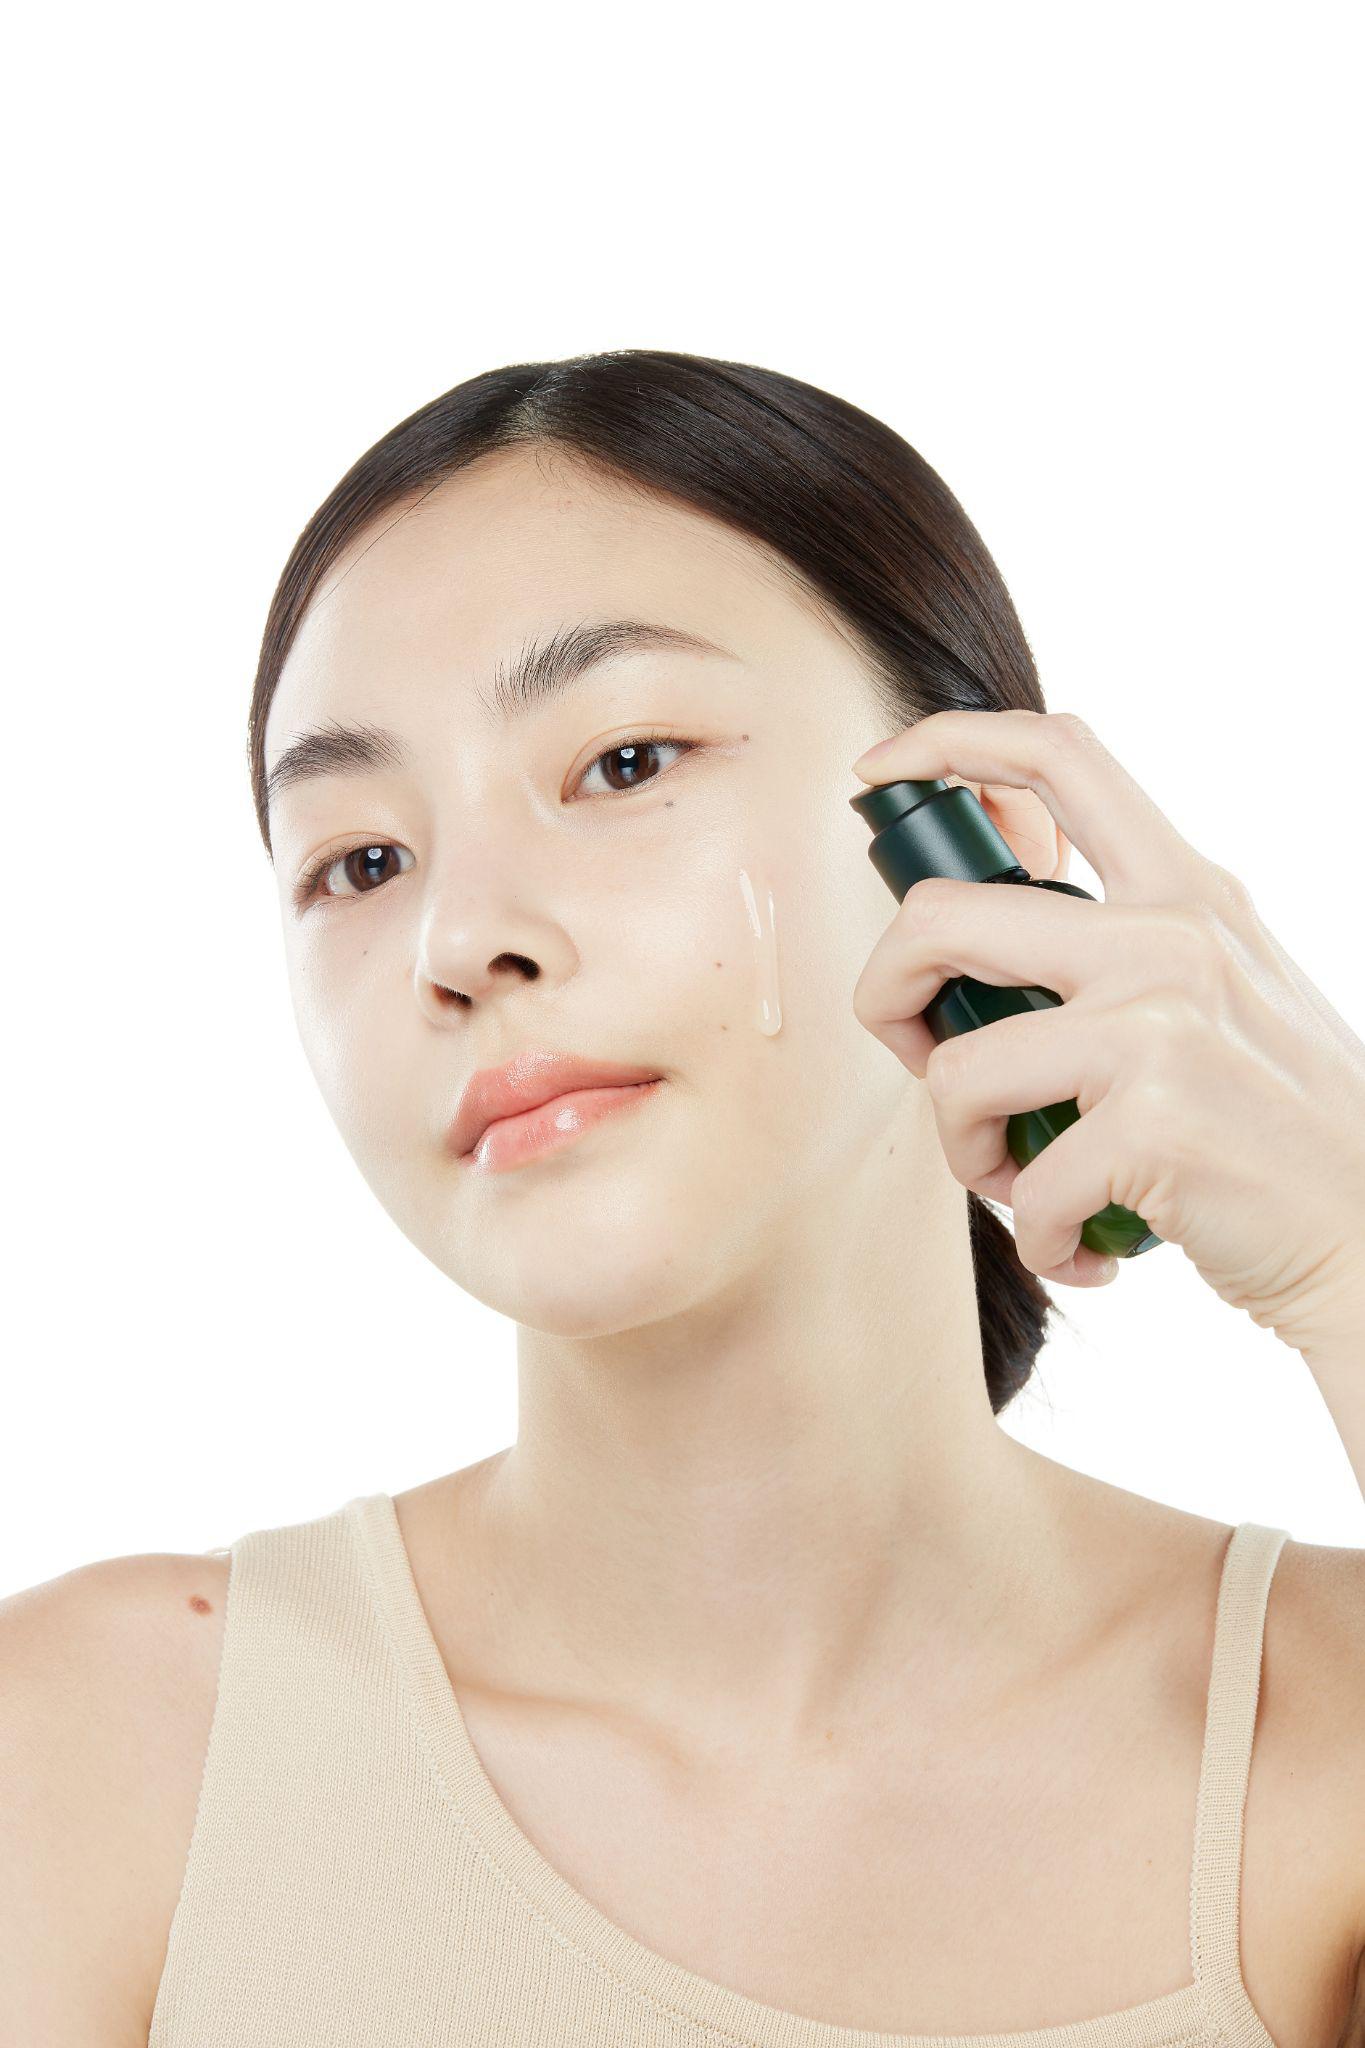 Khám phá xu hướng chăm sóc hàng rào bảo vệ da để sở hữu làn da khỏe mạnh, đẩy lùi lão hóa - Ảnh 7.